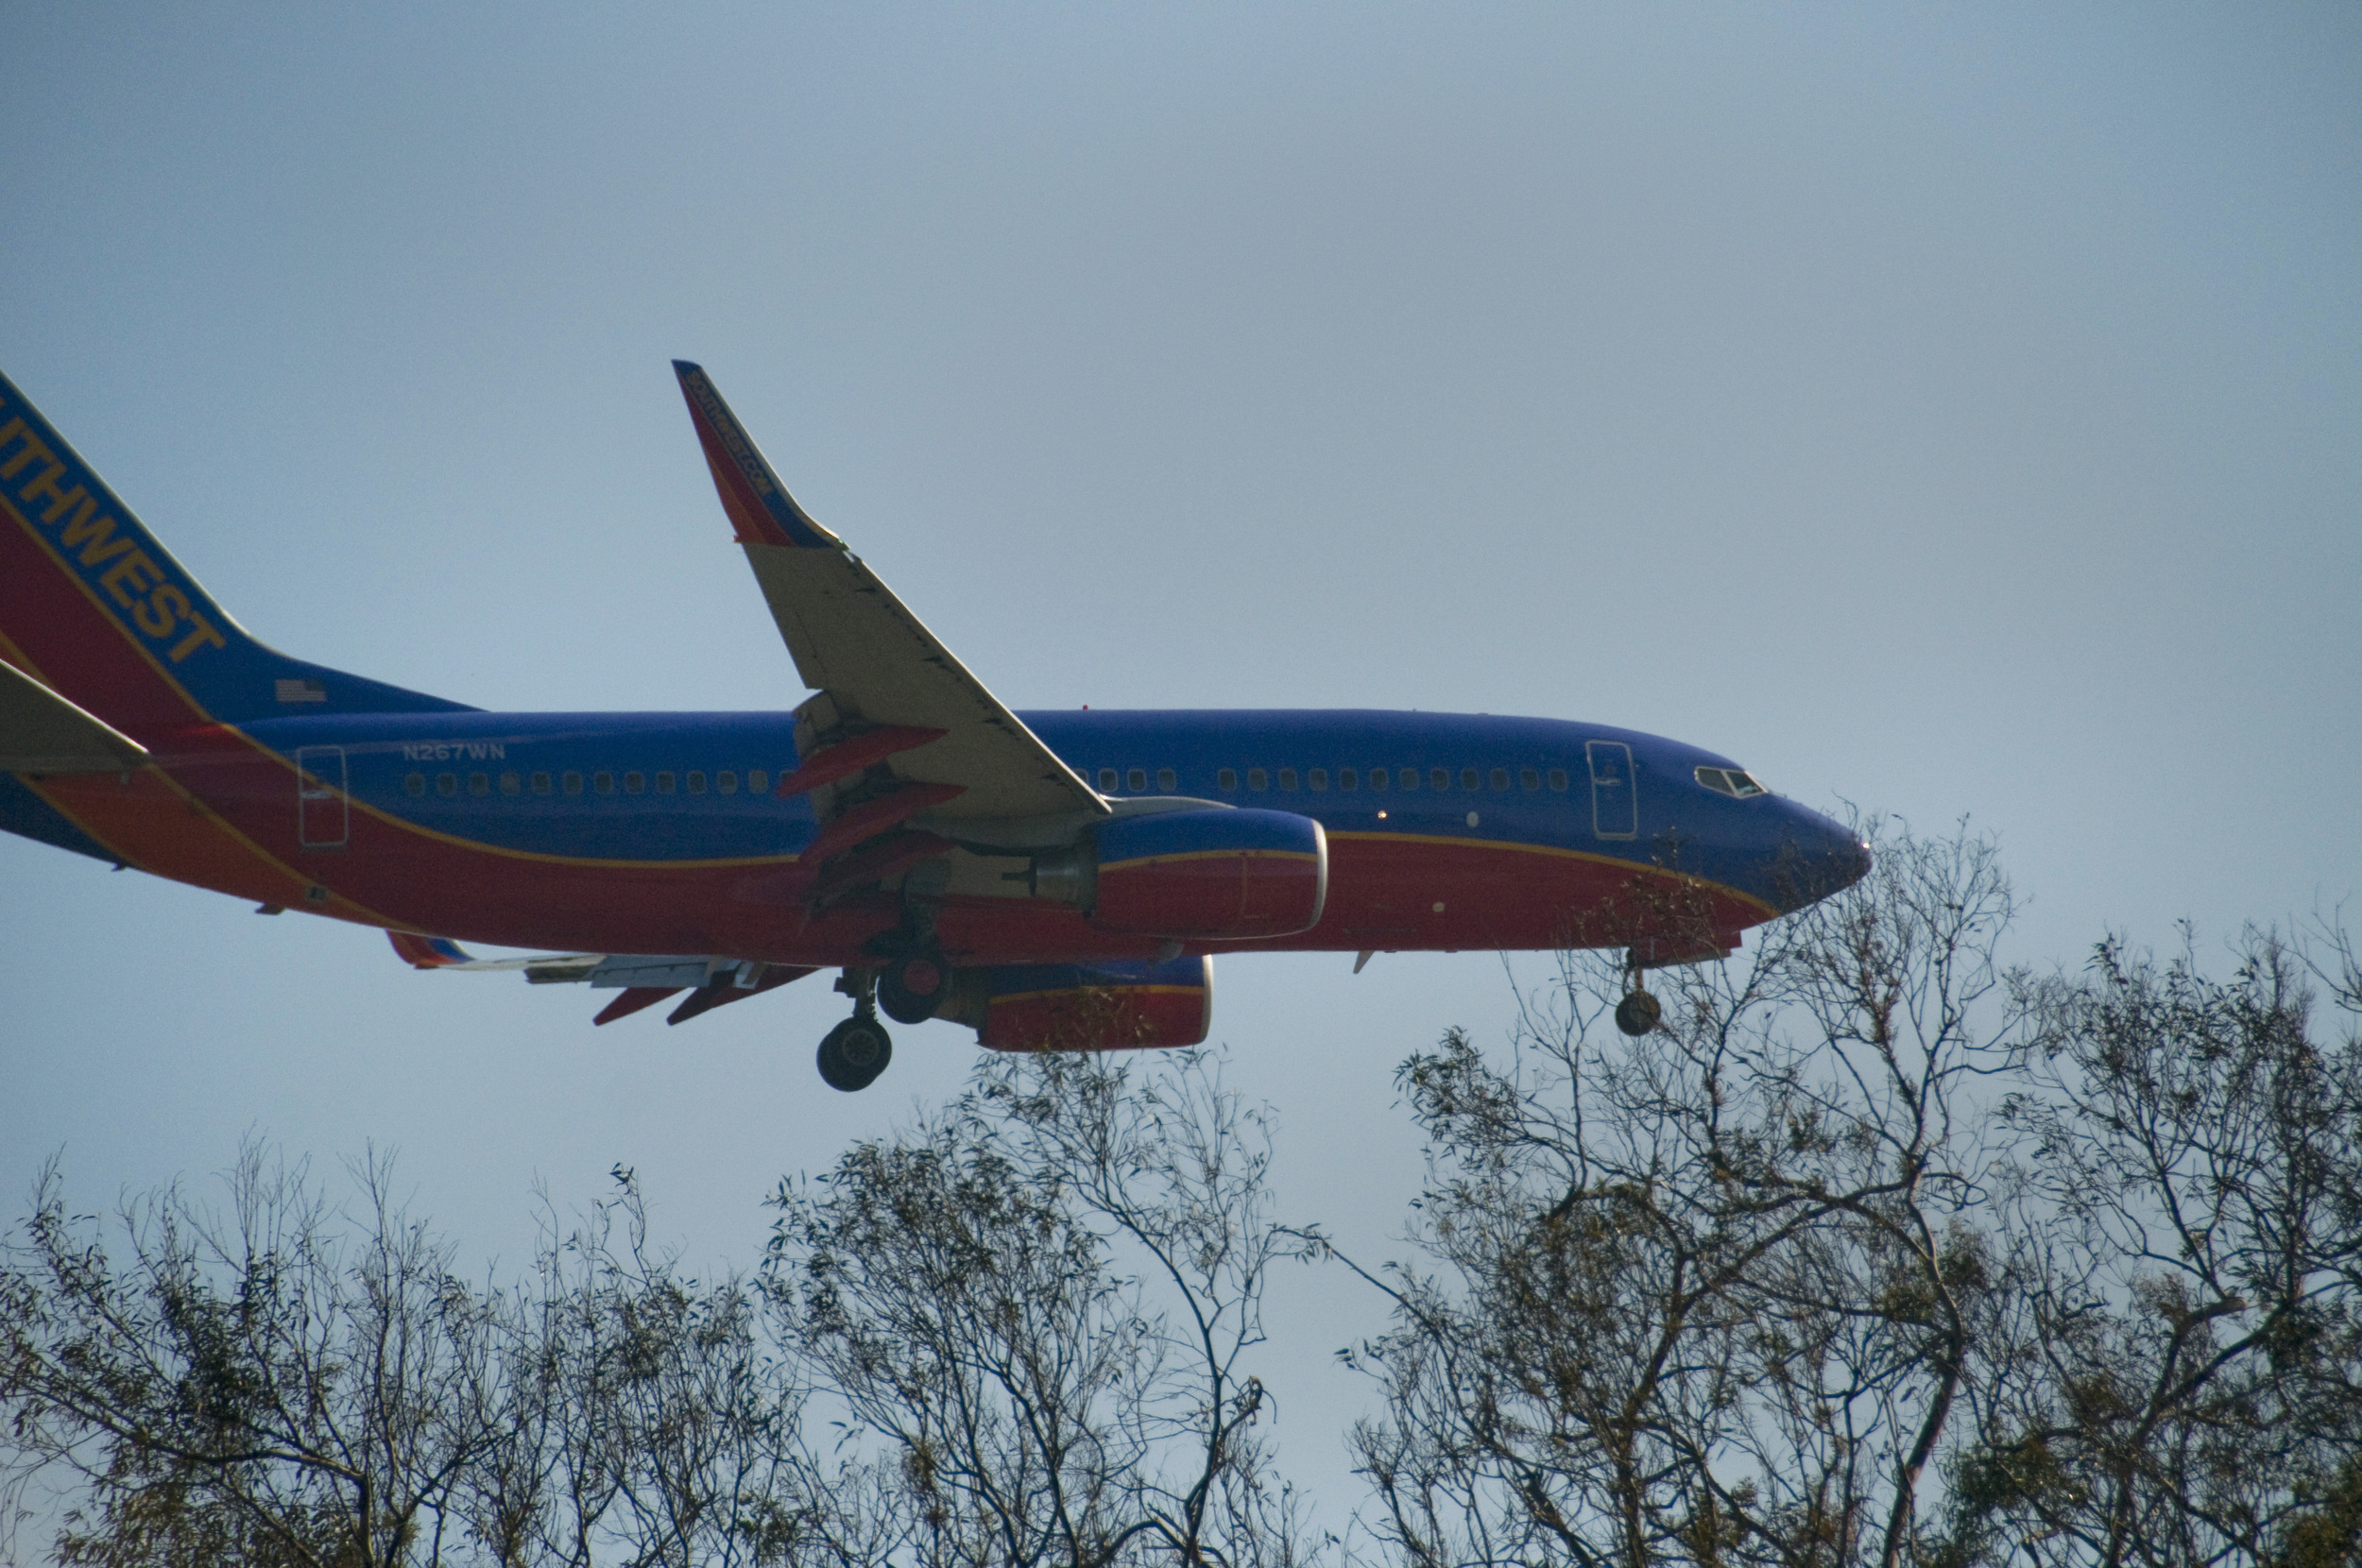 landing over Balboa Park